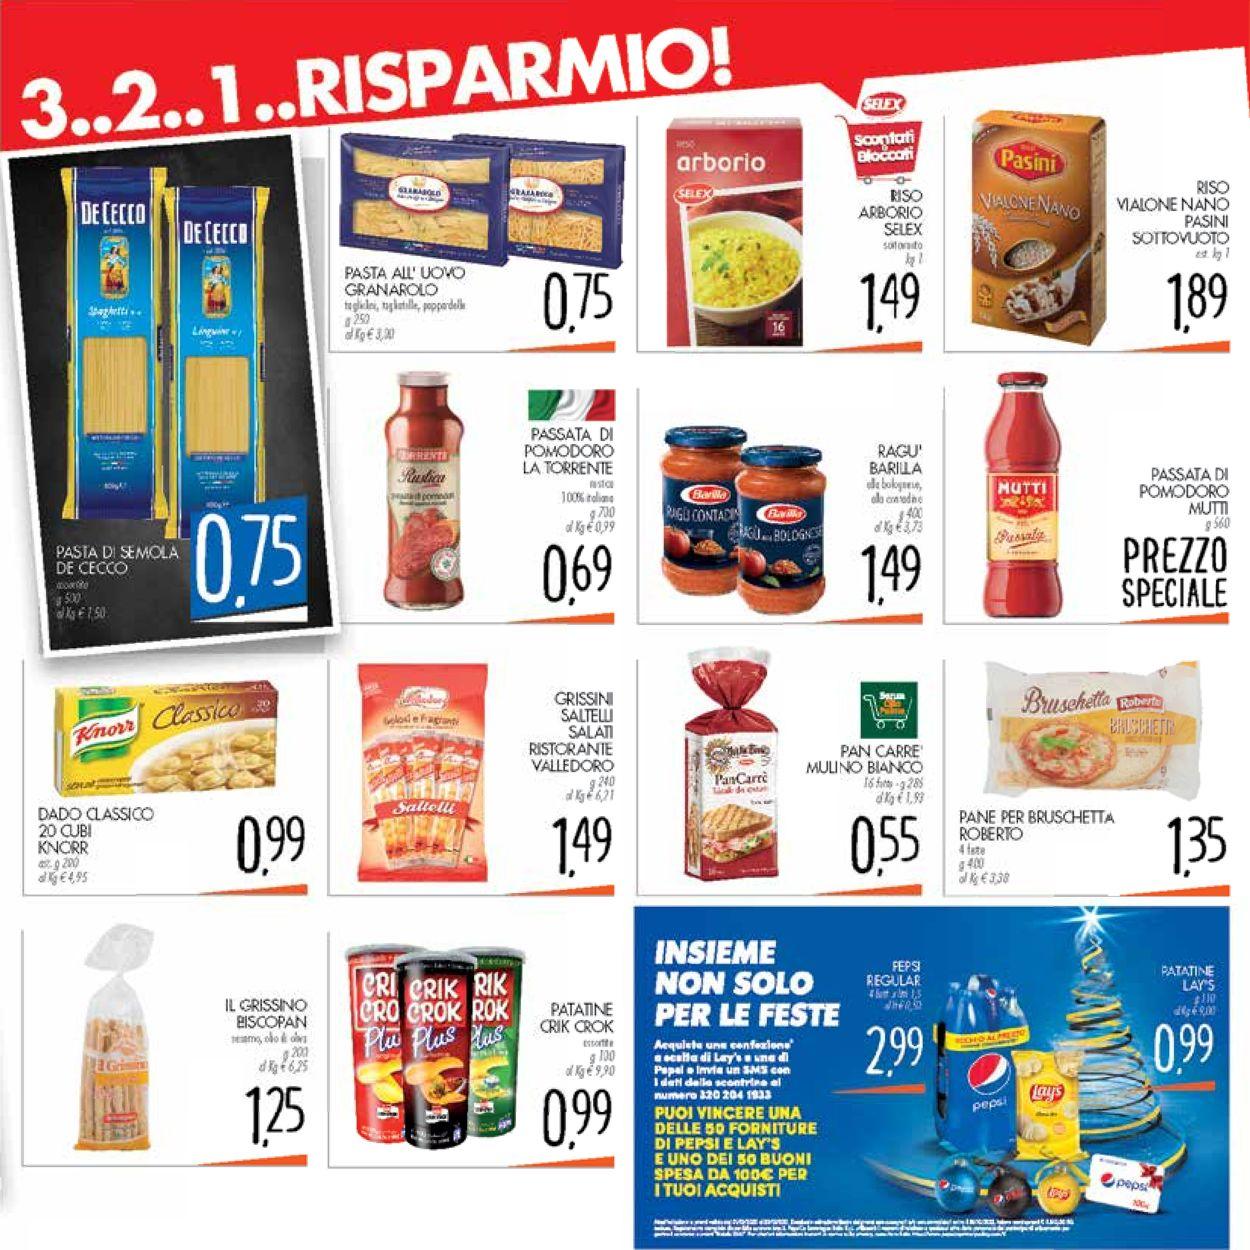 Volantino Emisfero -  Capodanno 2021 - Offerte 29/12-06/01/2021 (Pagina 7)